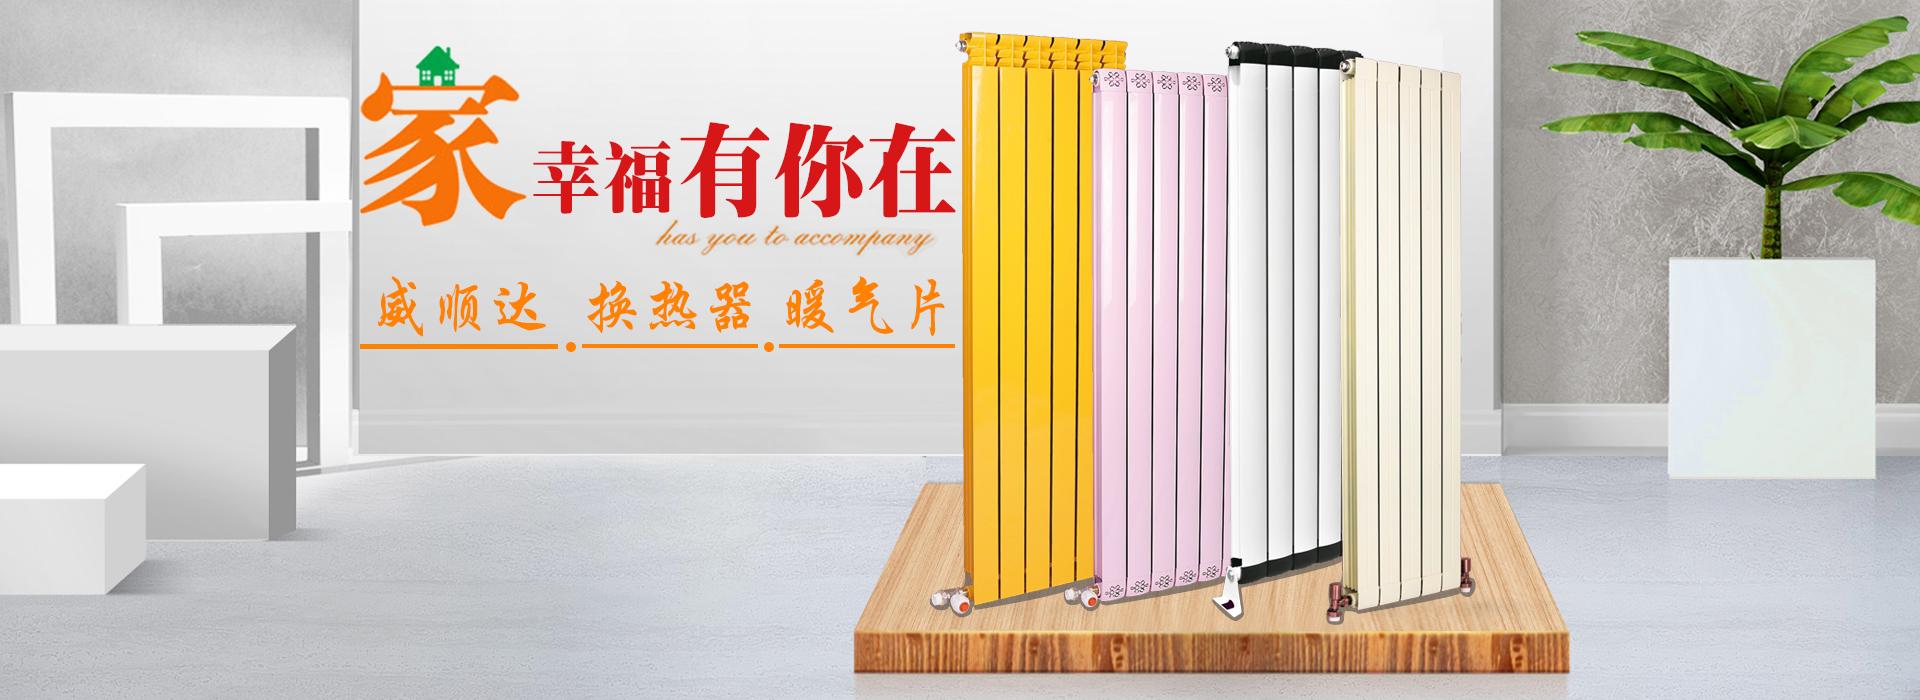 威海水暖器材,威海暖气片,威海换热器